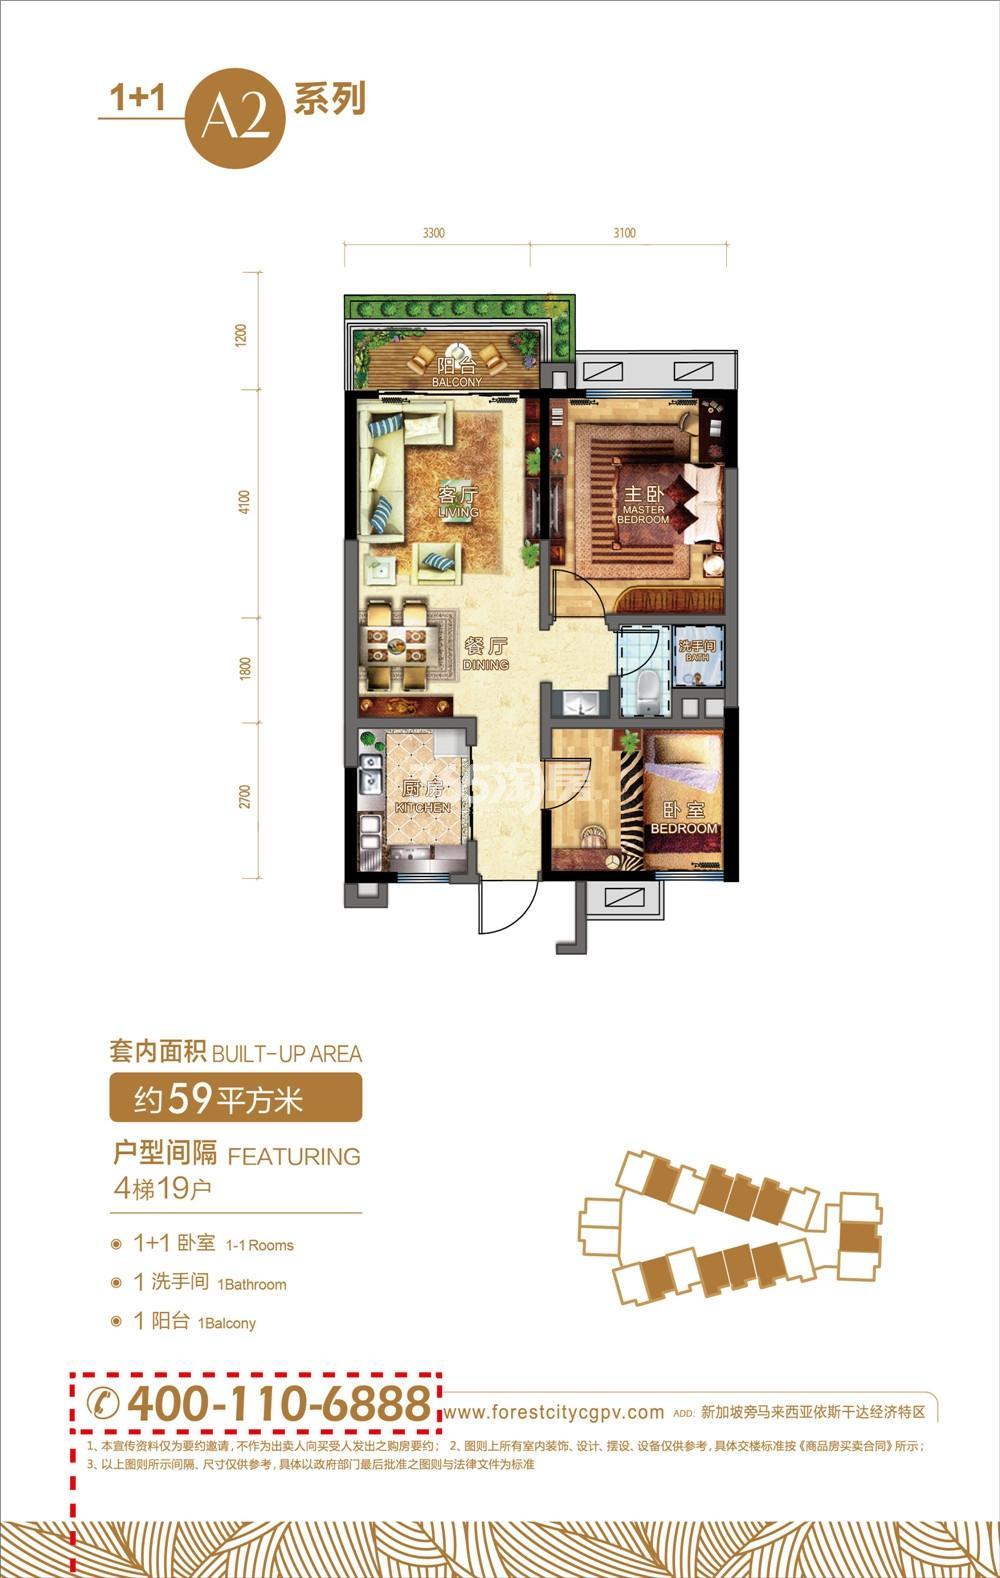 碧桂园森林城市公寓户型图59㎡